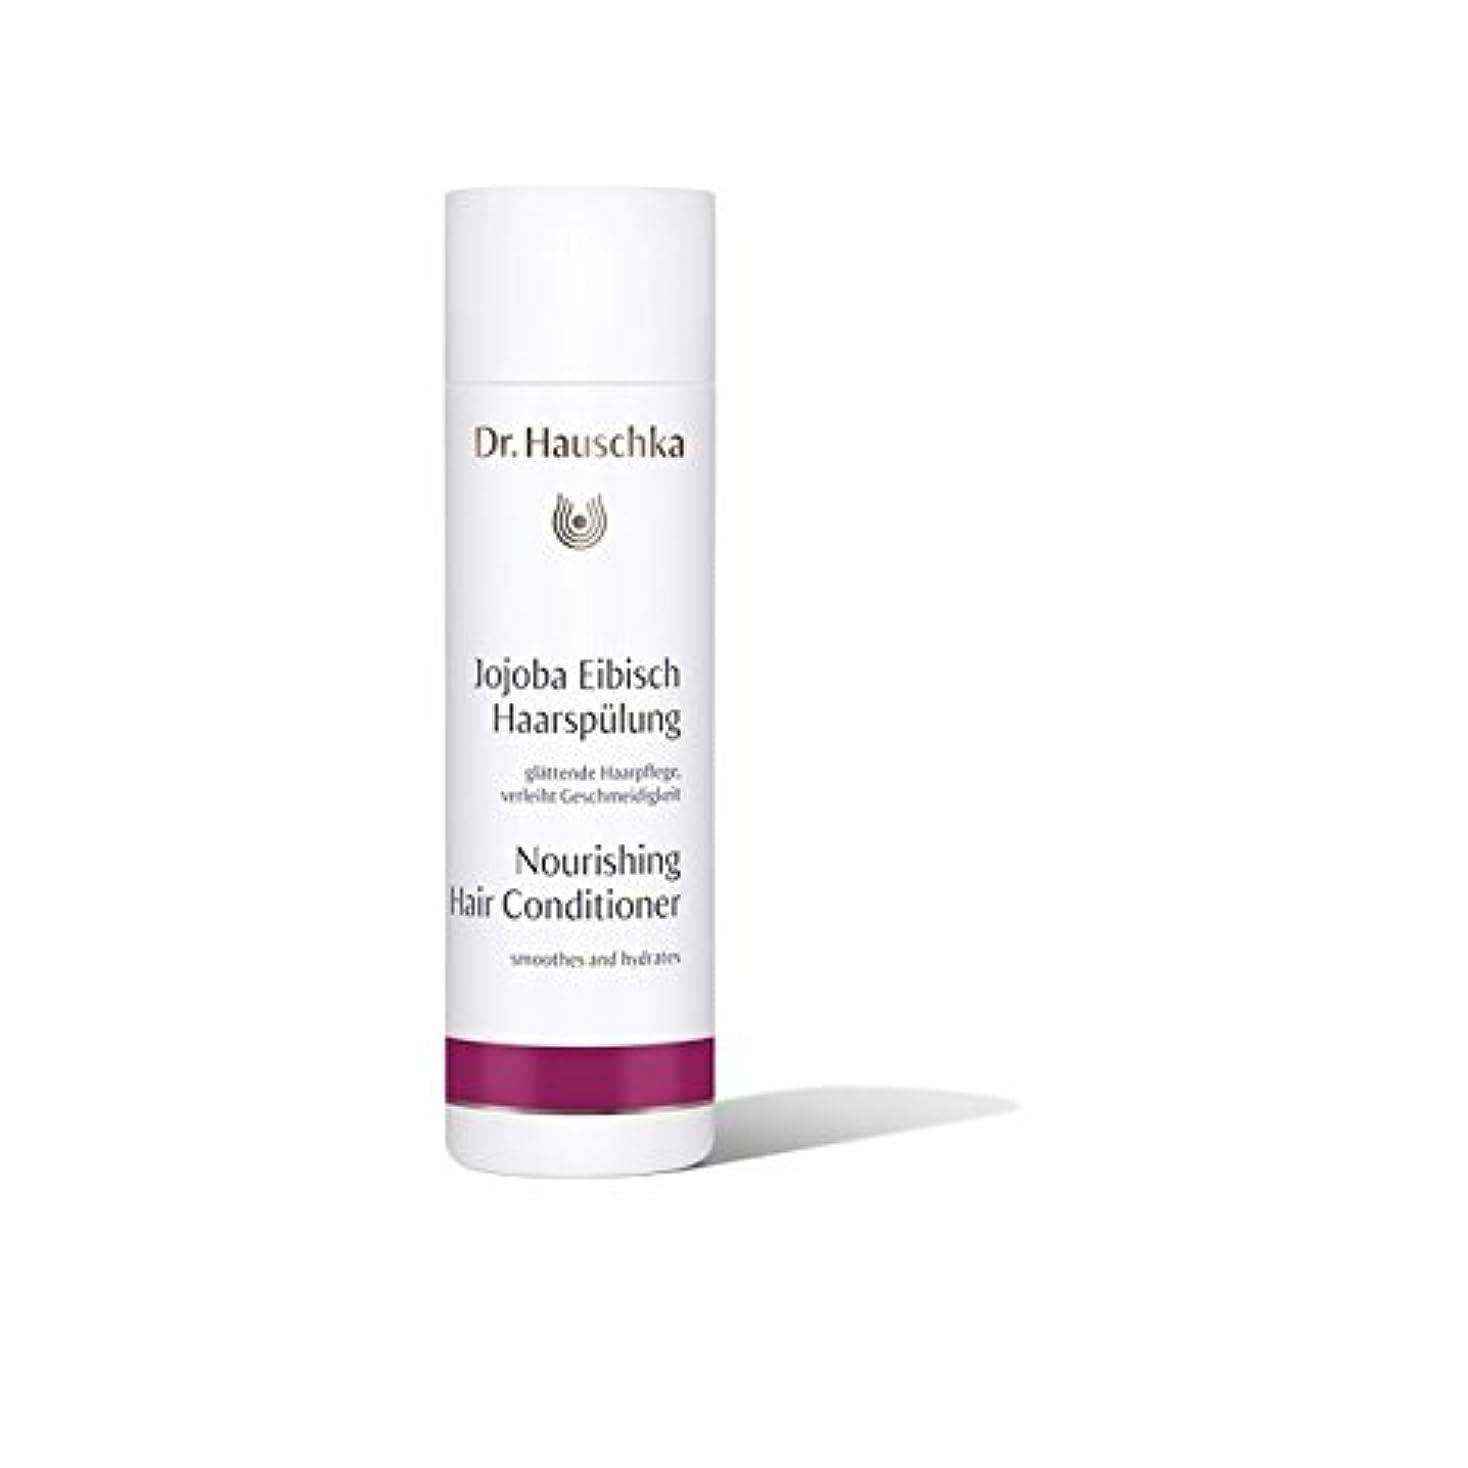 ピッチショット臨検ハウシュカ栄養ヘアコンディショナー(200ミリリットル) x4 - Dr. Hauschka Nourishing Hair Conditioner (200ml) (Pack of 4) [並行輸入品]